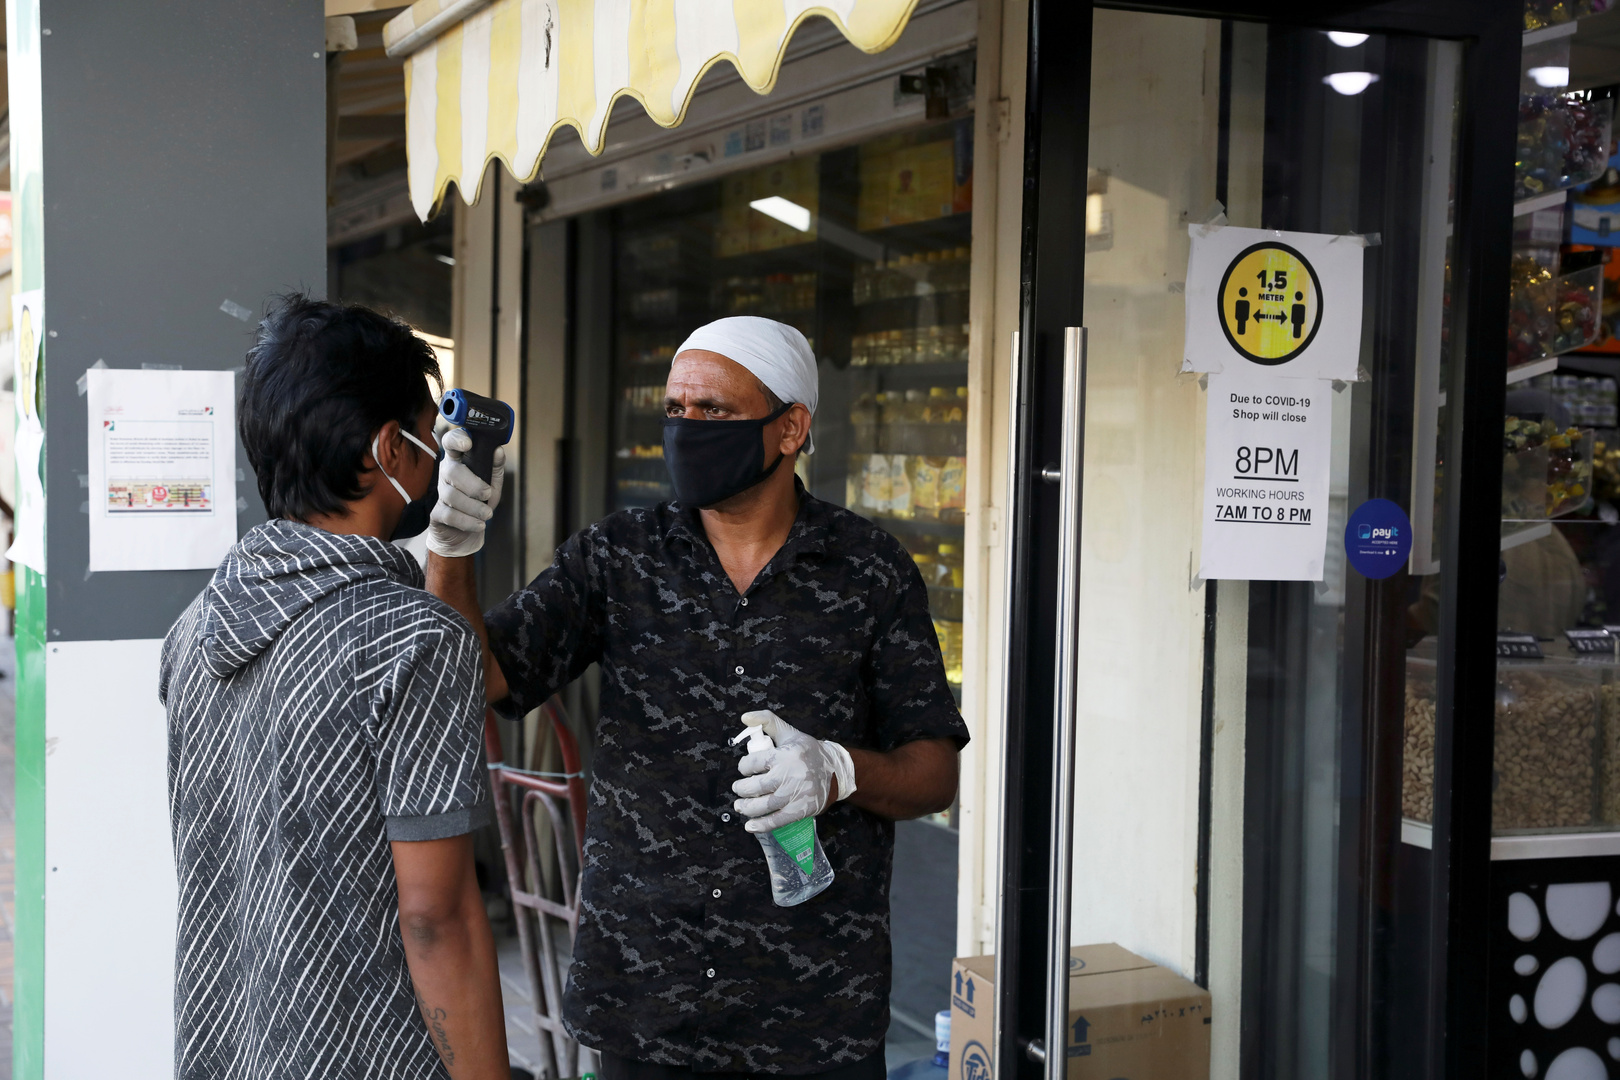 الإمارات تسجل أعلى حصيلة يومية لكورونا منذ تفشي الجائحة